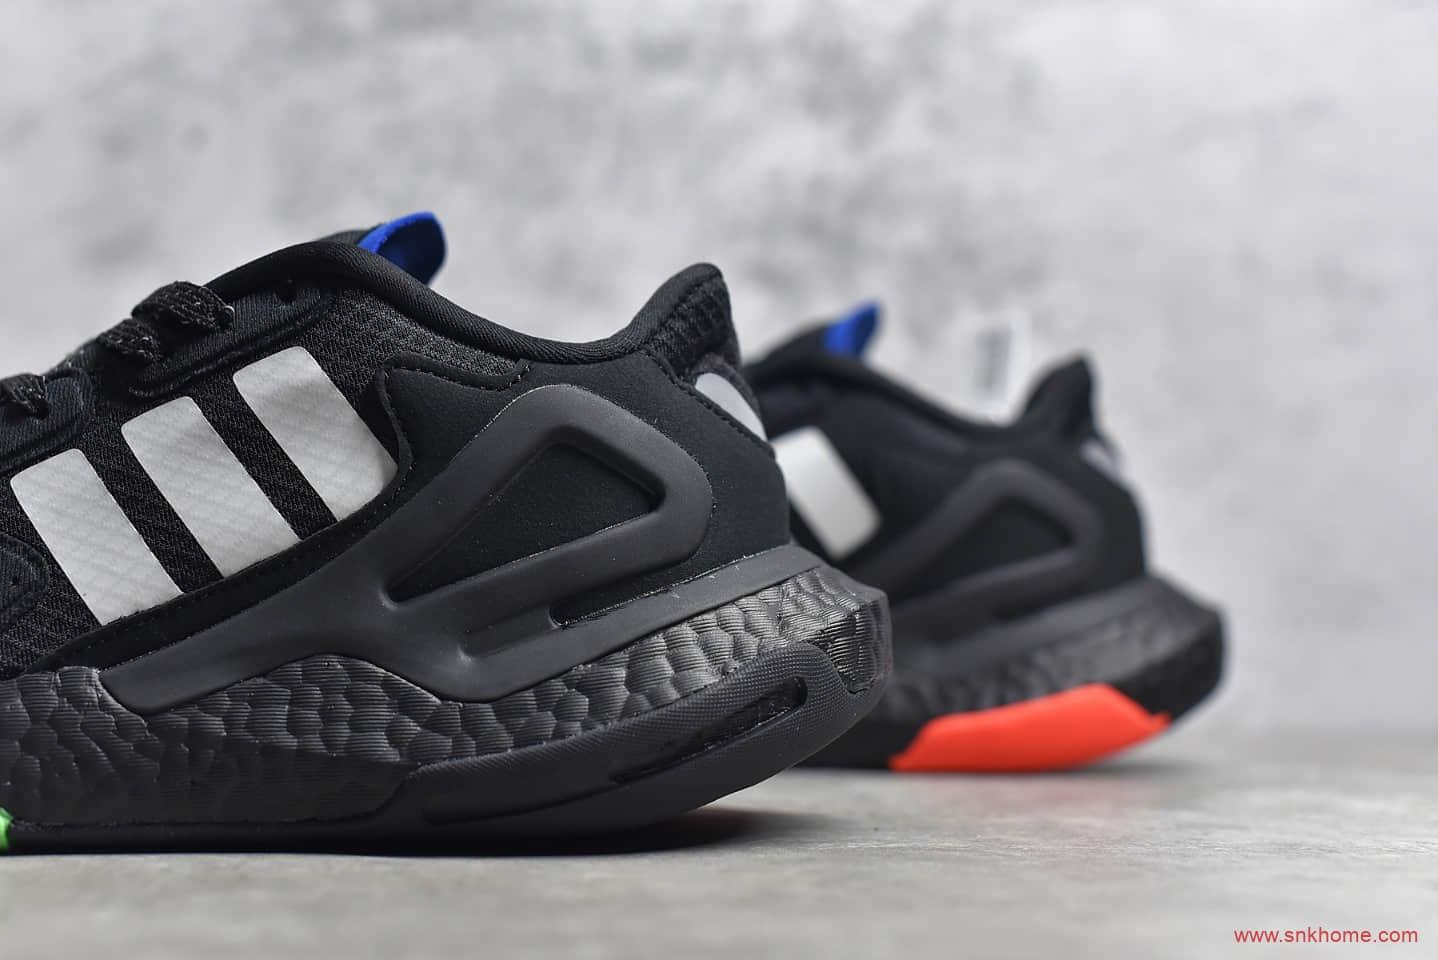 阿迪达斯夜行者二代黑色 adidas Day Jogger 2020 Boost 阿迪达斯3M反光BOOST跑鞋 货号:FW3019-潮流者之家